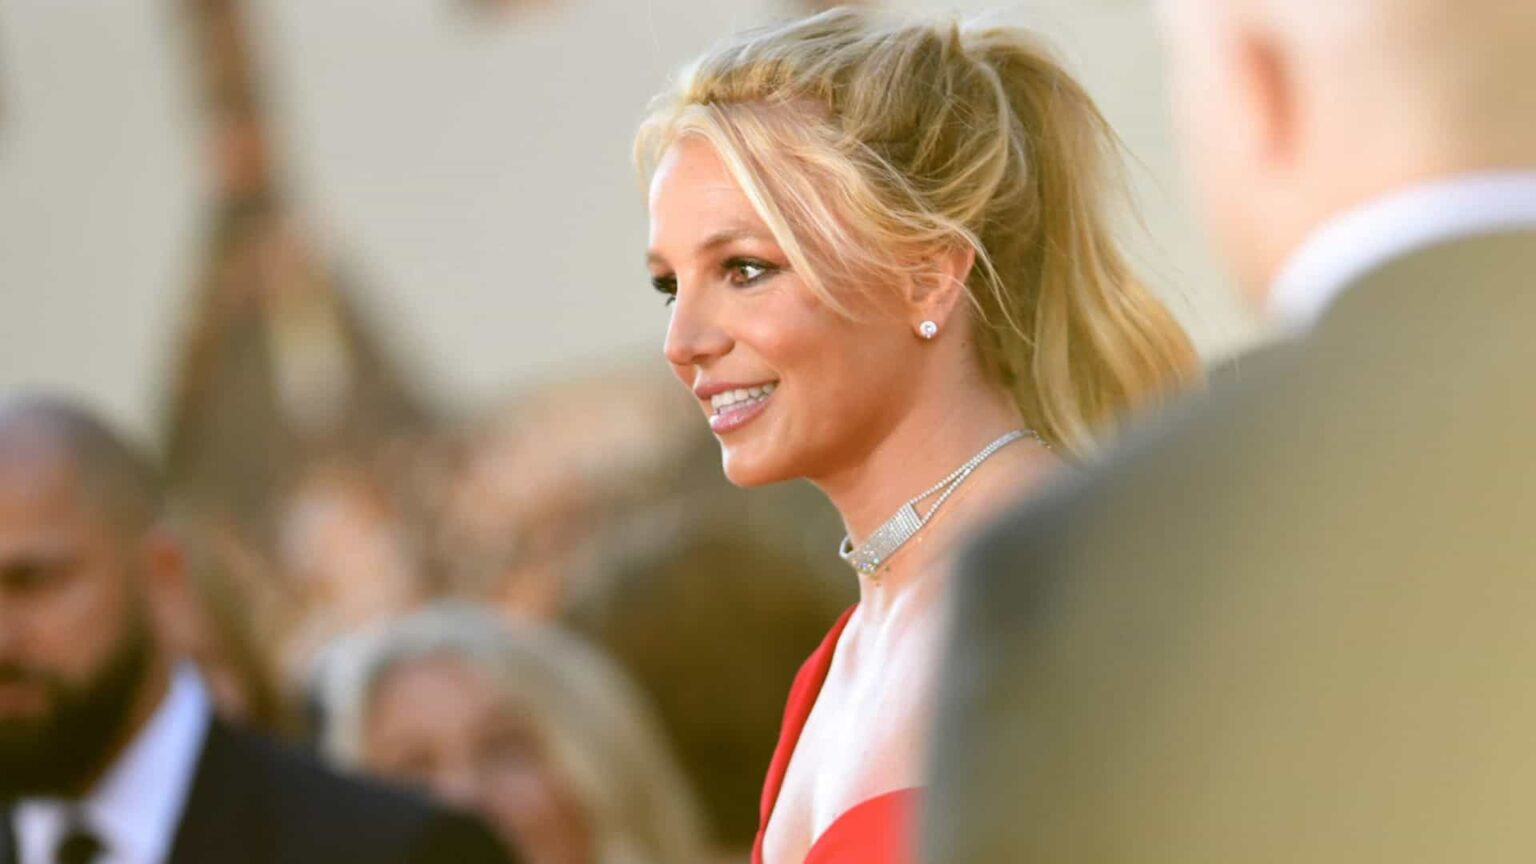 Pai de Britney Spears diz que ela tem demência para justificar tutela